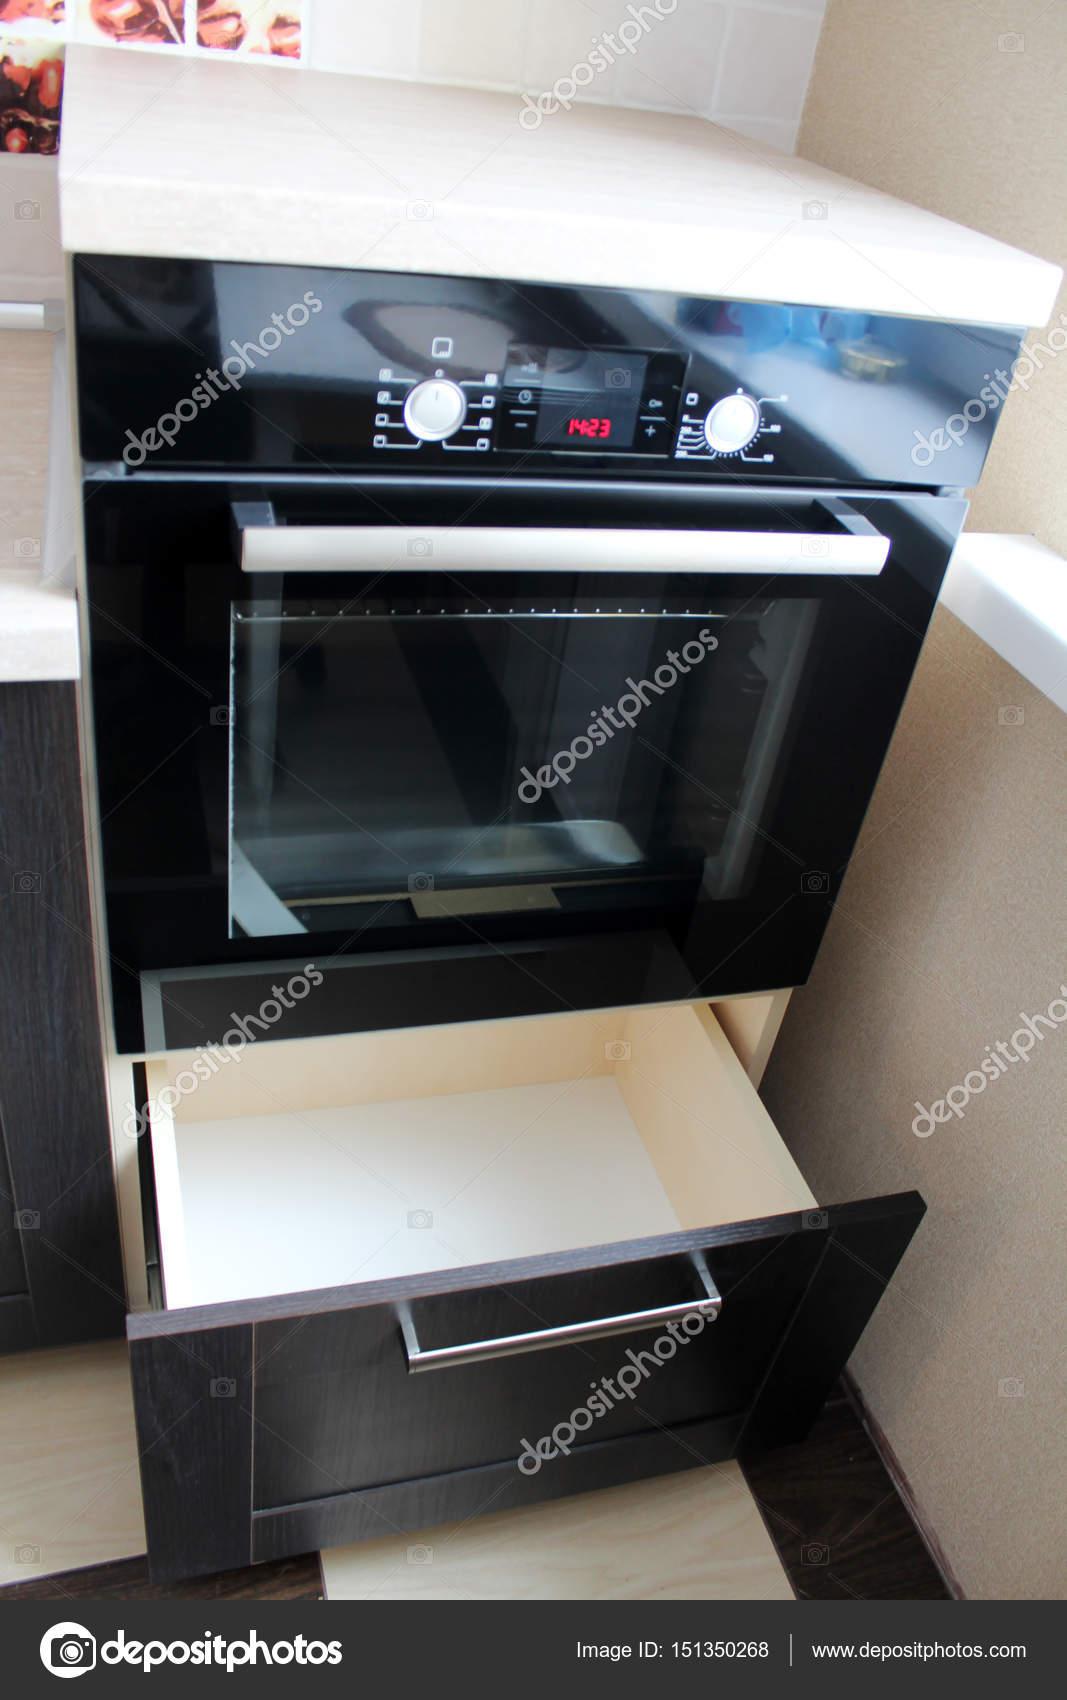 Ofen Küche Schrank eingebaut. Die Herstellung von Möbeln — Stockfoto ...